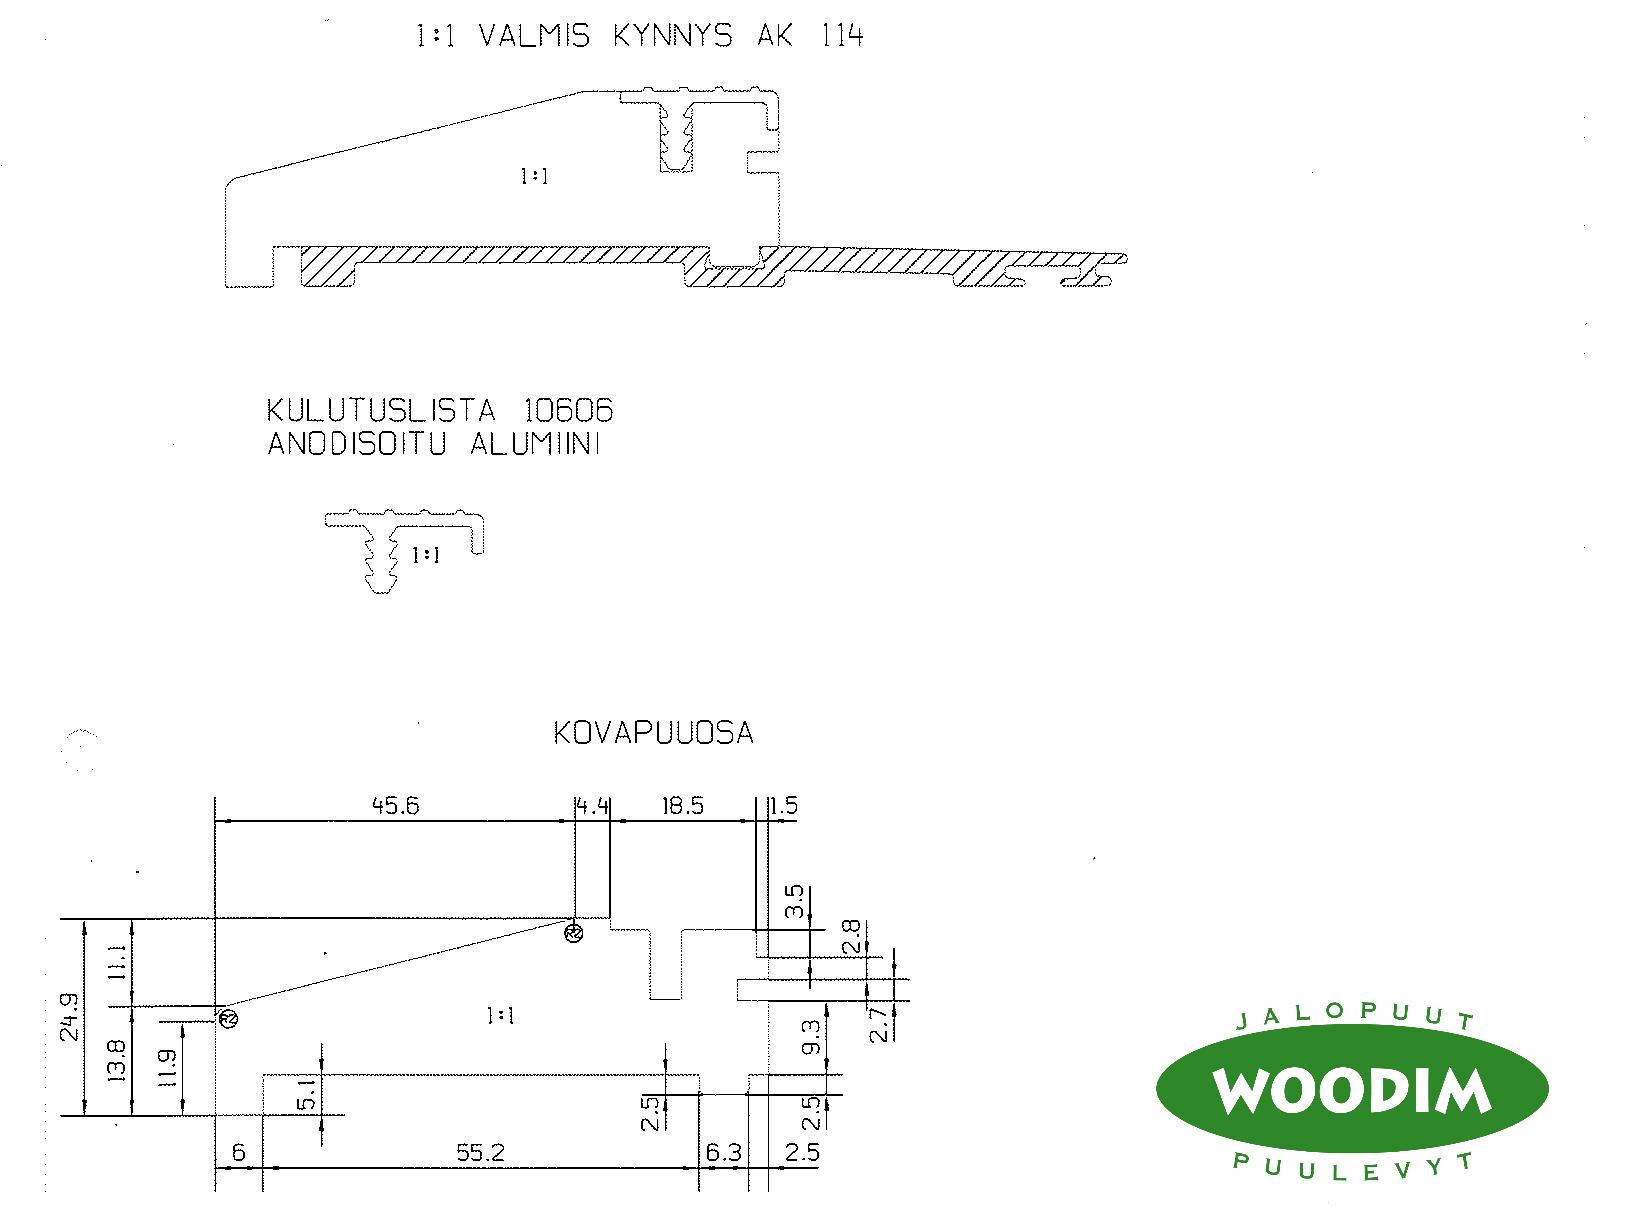 kynnys-Woodim-jalopuu